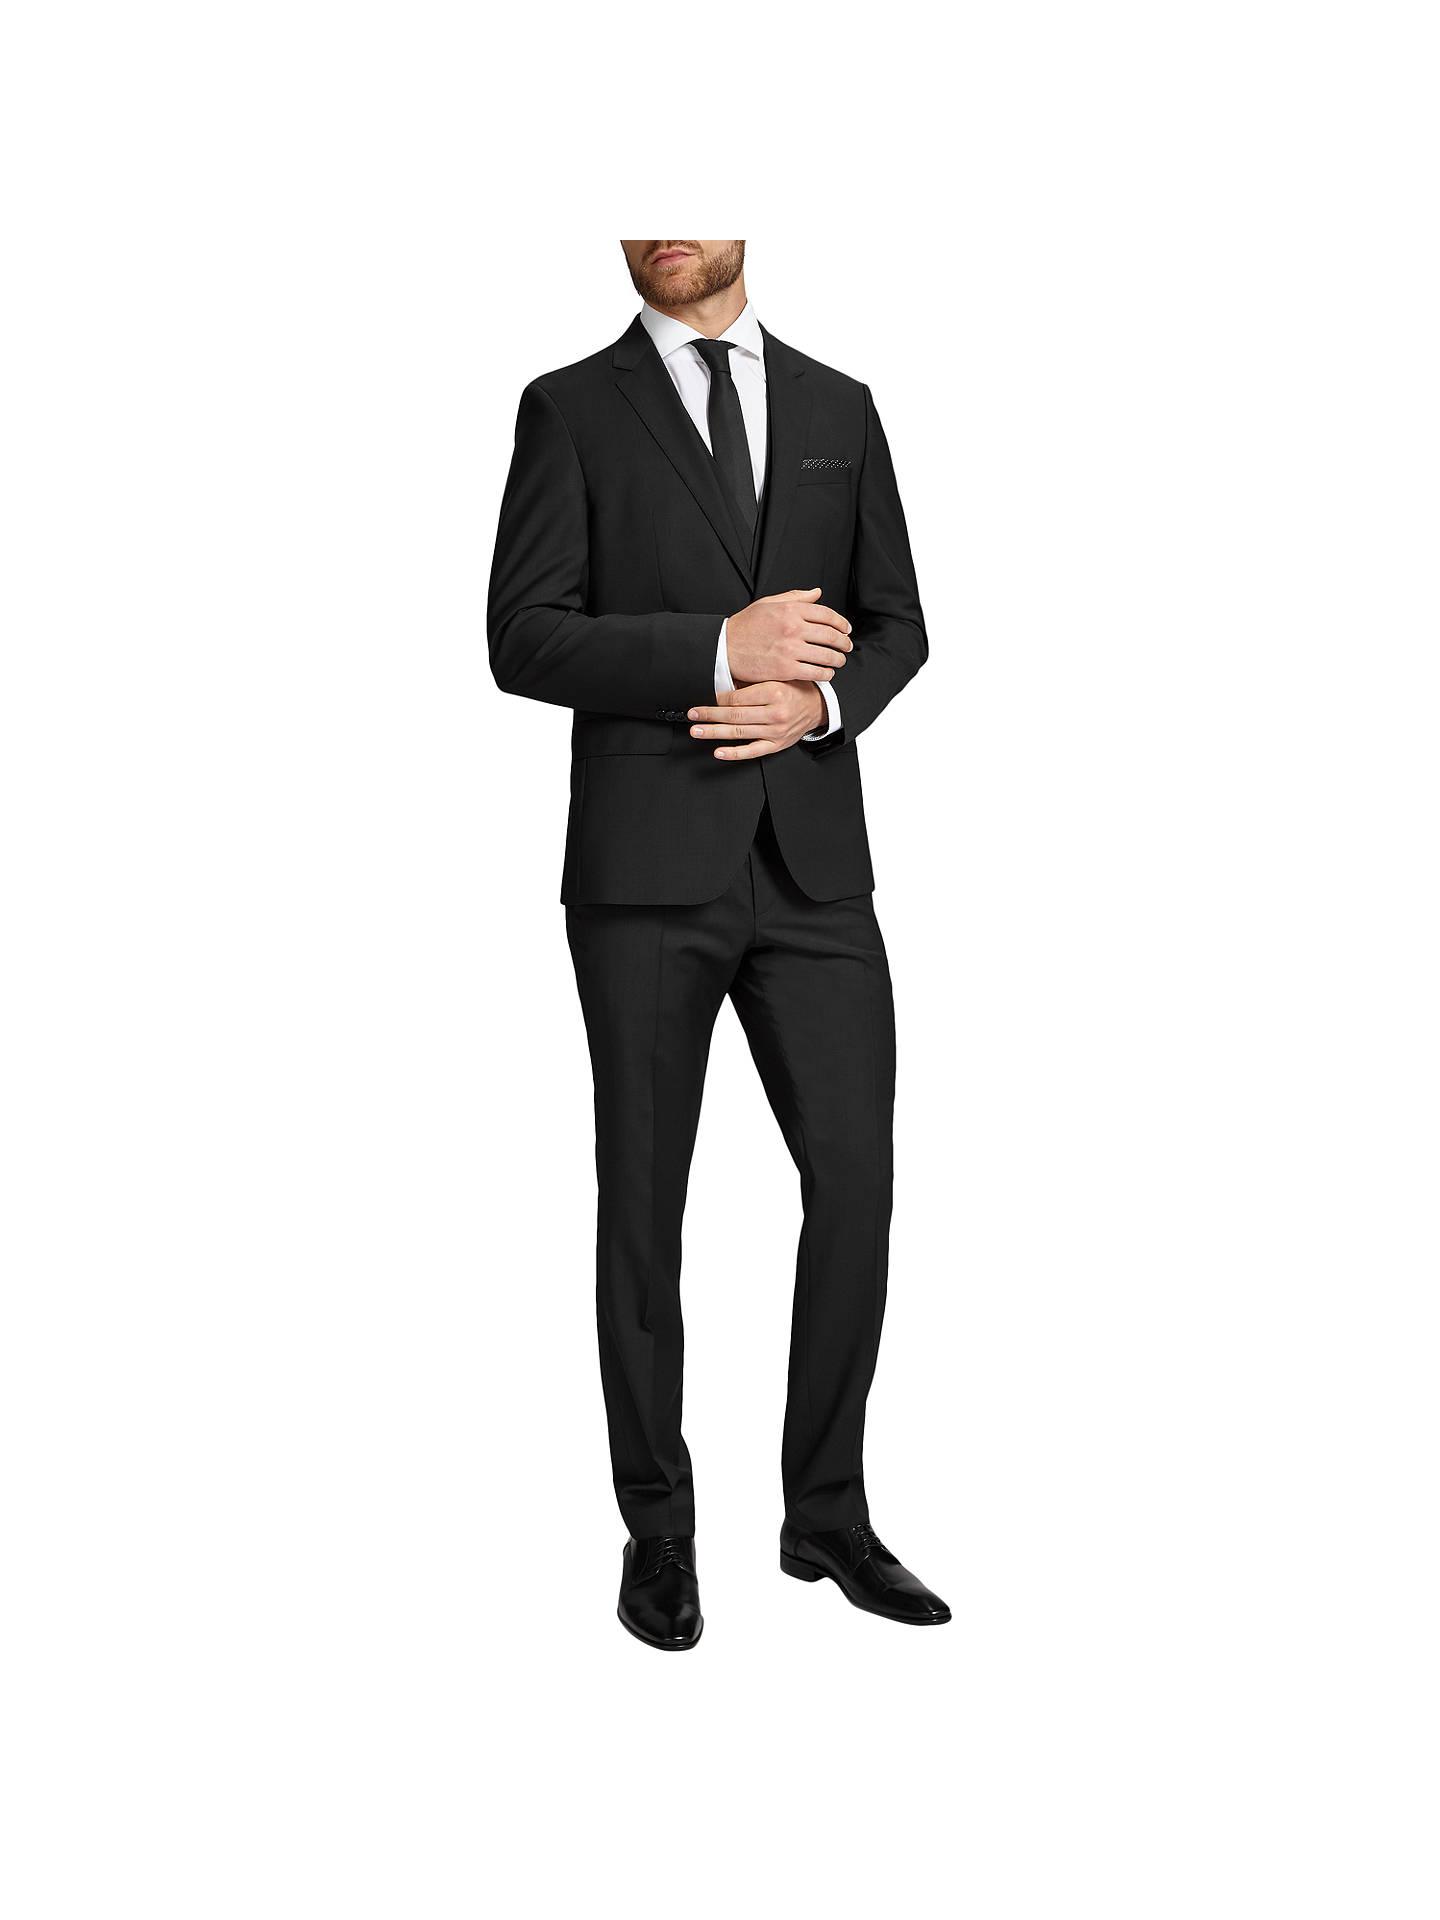 9ea066c1 ... Buy HUGO by Hugo Boss Huge/Genius Virgin Wool Slim Fit Suit Jacket,  Black ...